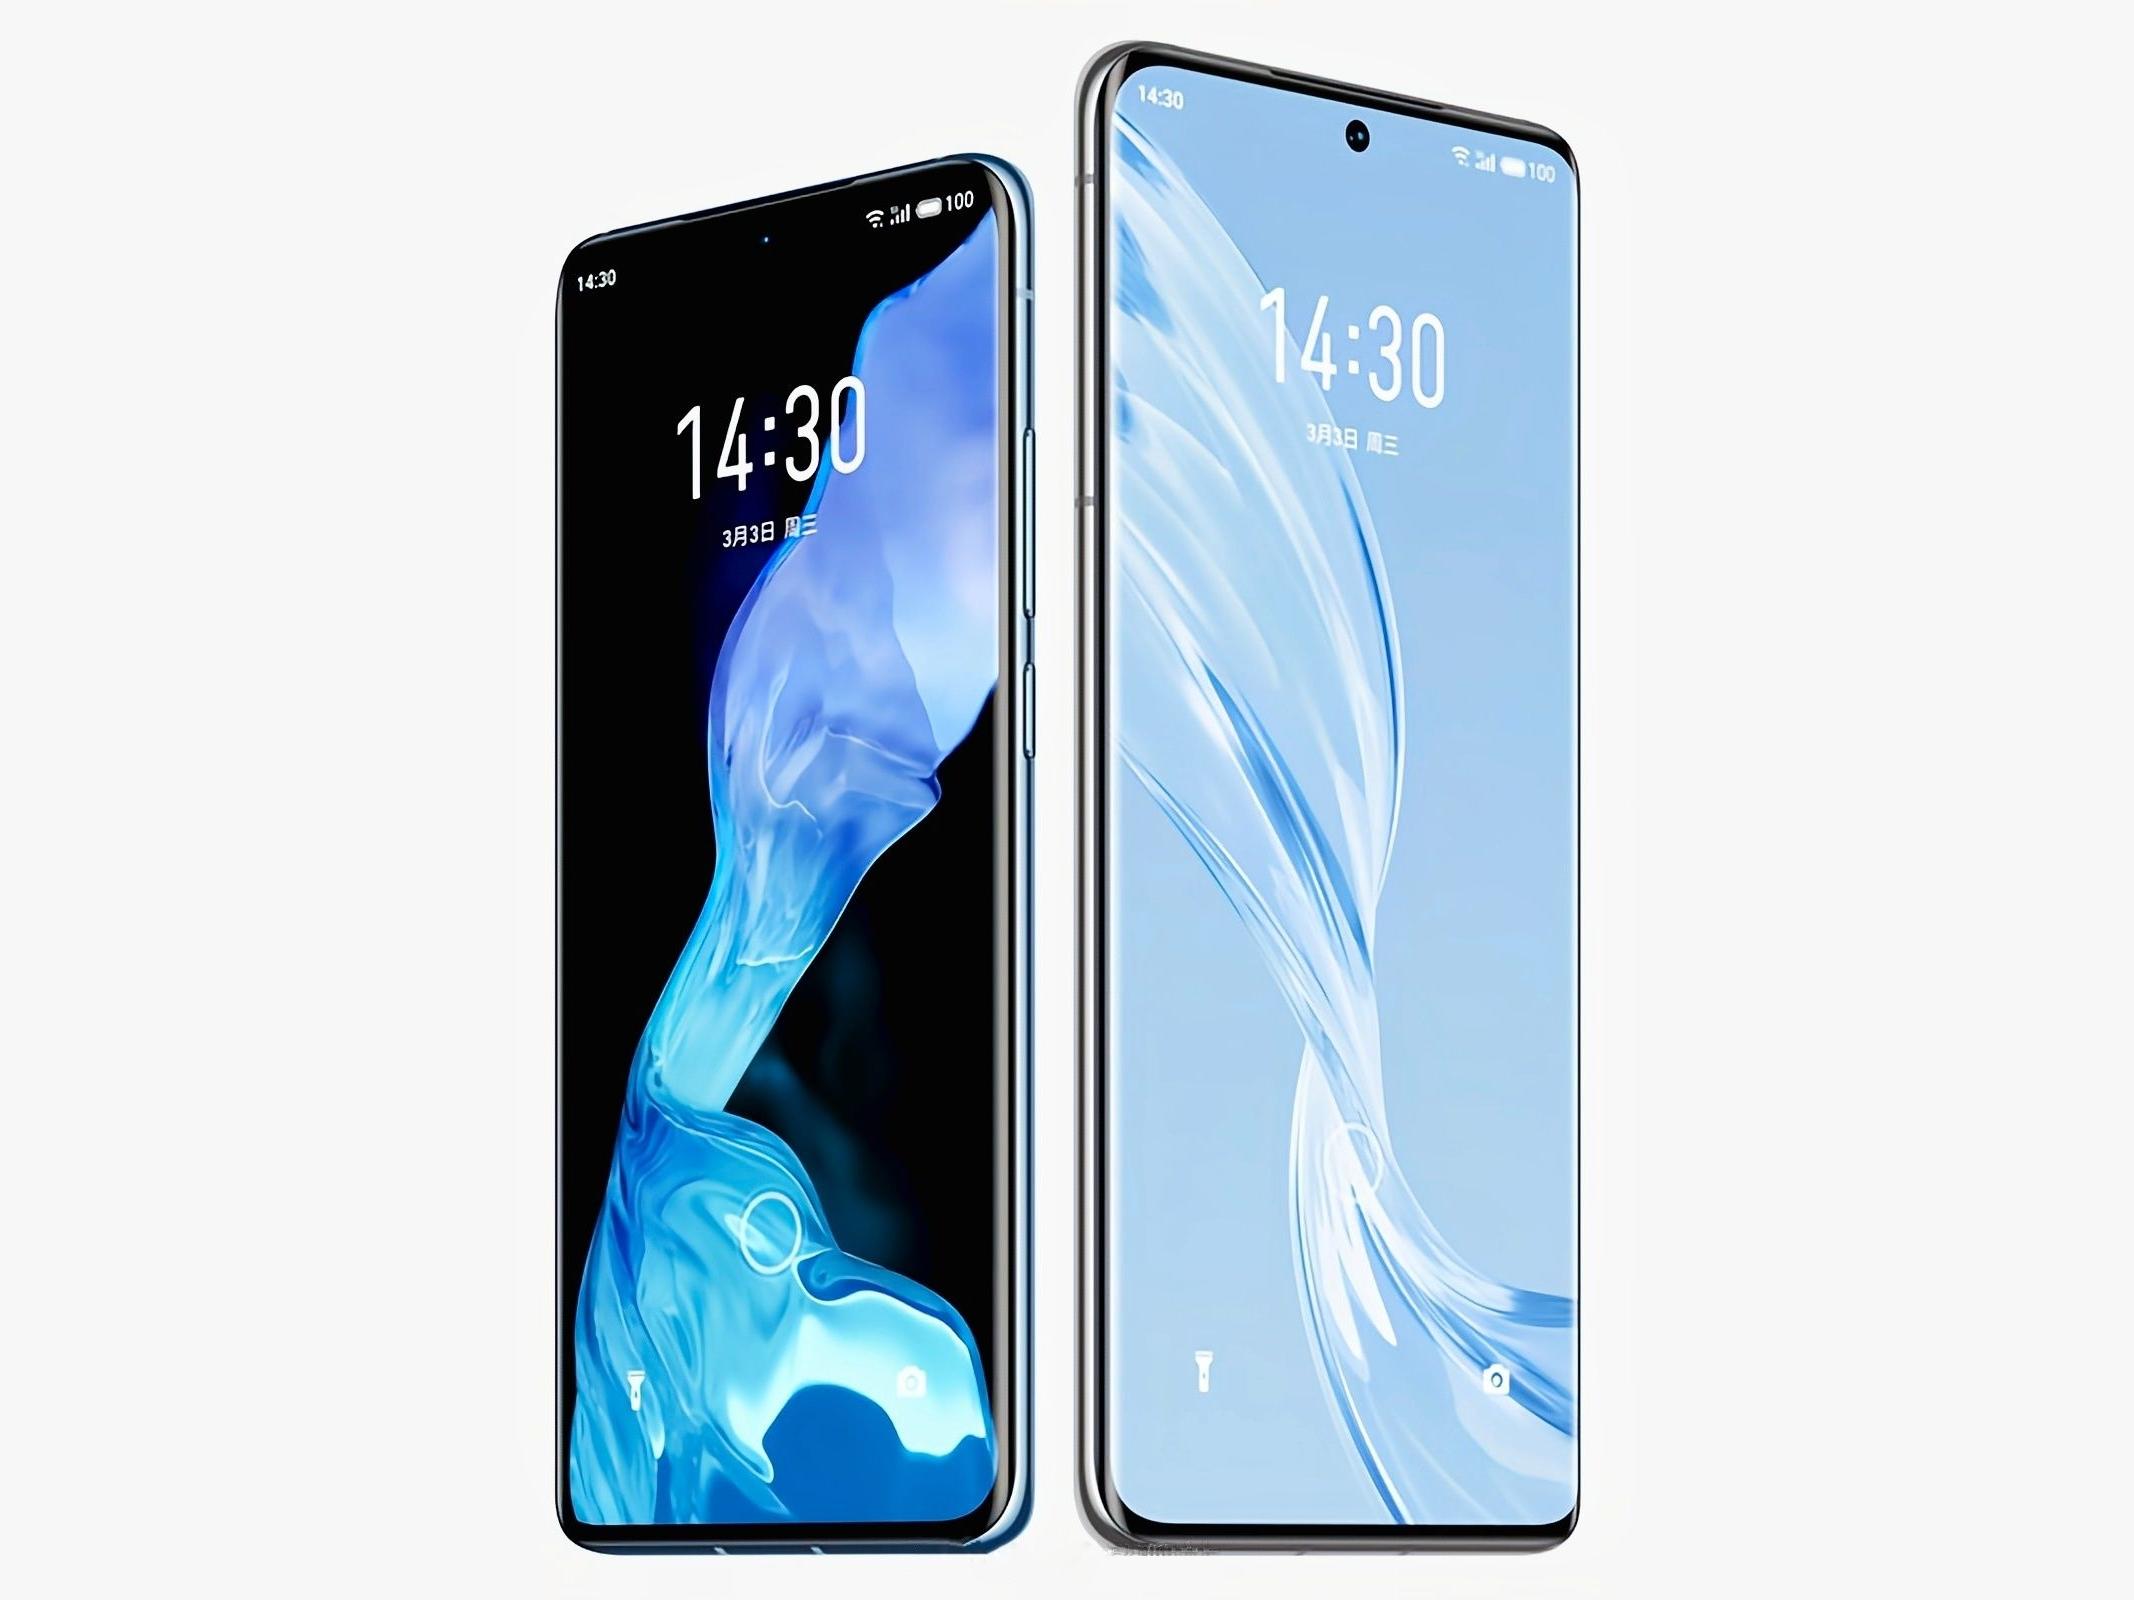 Meizu 18 и Meizu 18 Pro появились на официальных рендерах с «дырявыми» экранами и подэкранными сканерами